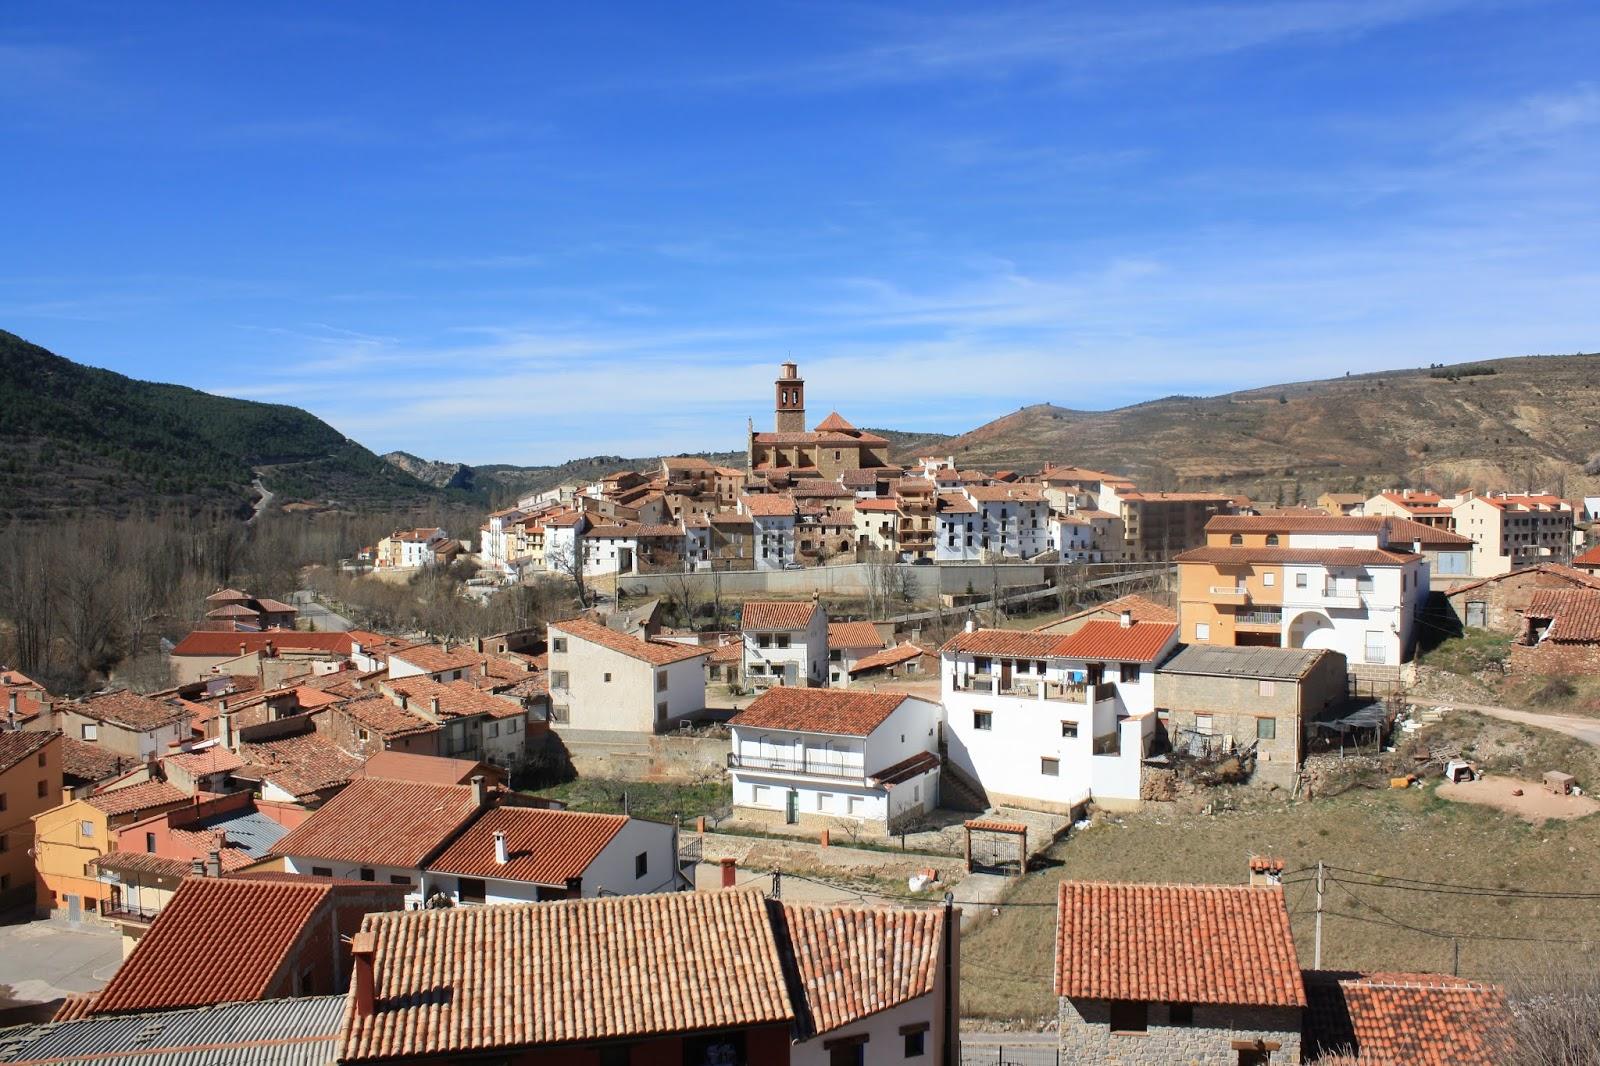 View of Arcos de las Salinas, Teruel